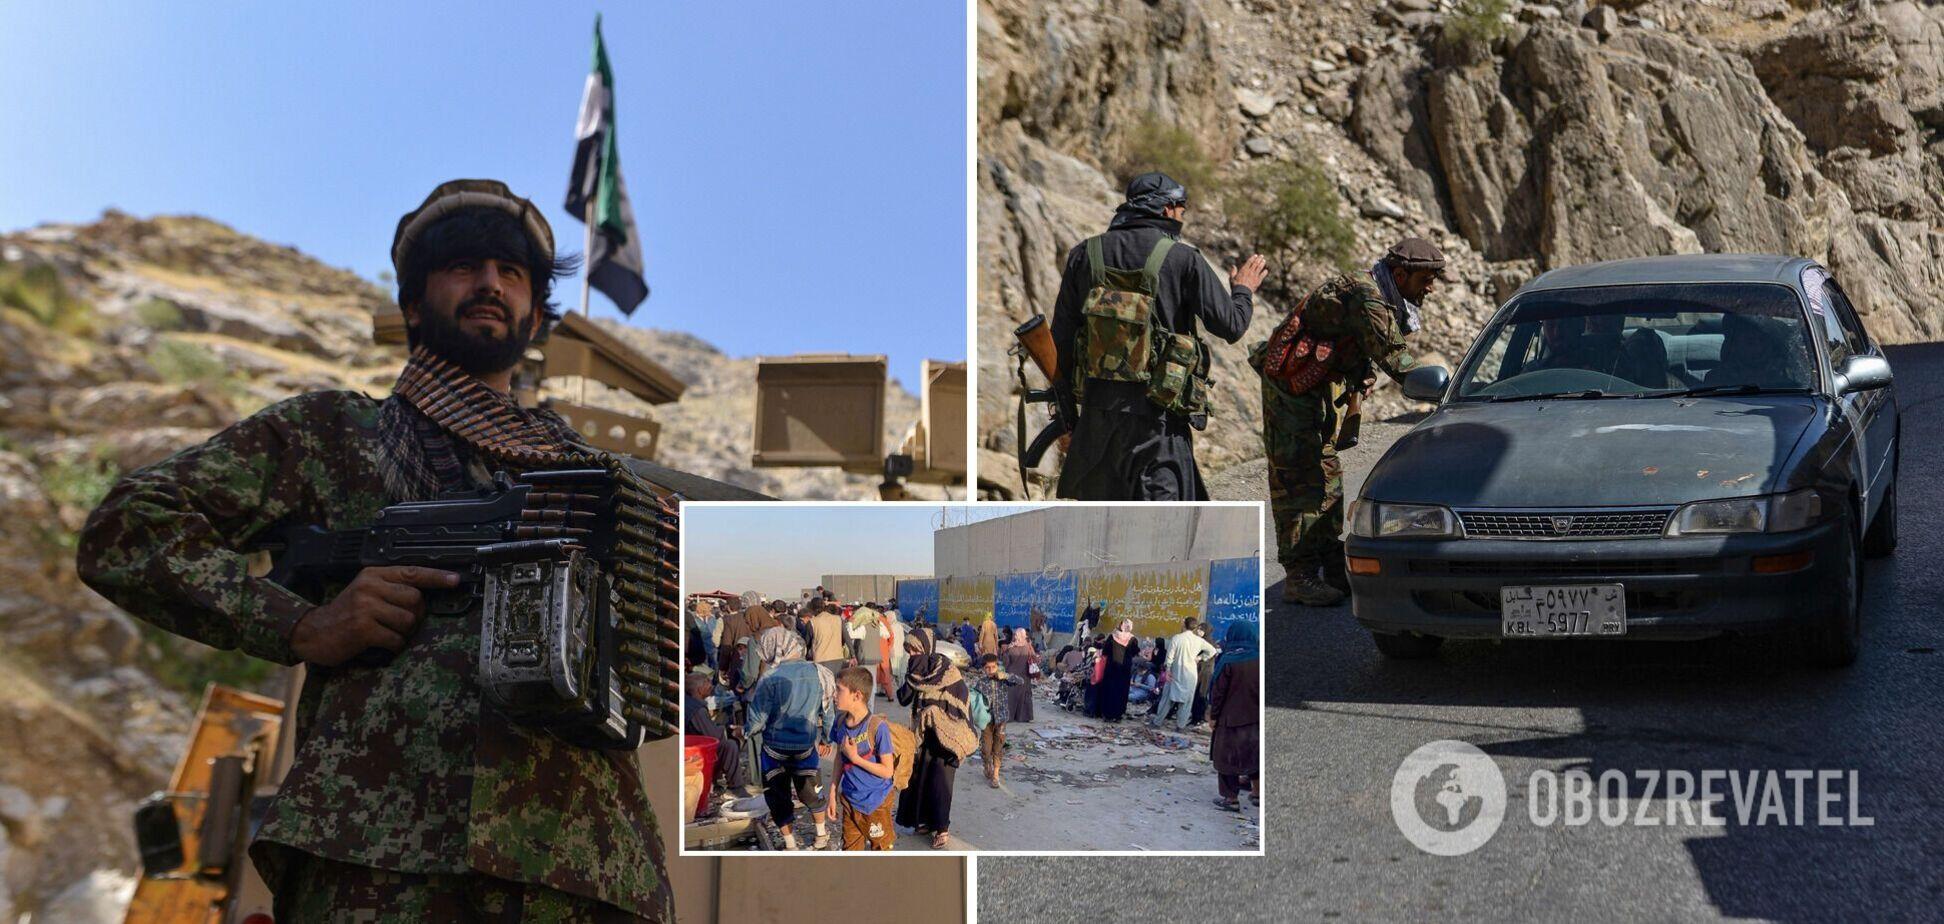 Угроза теракта в аэропорту и ультиматум талибов. Главное о ситуации в Афганистане на 26 августа